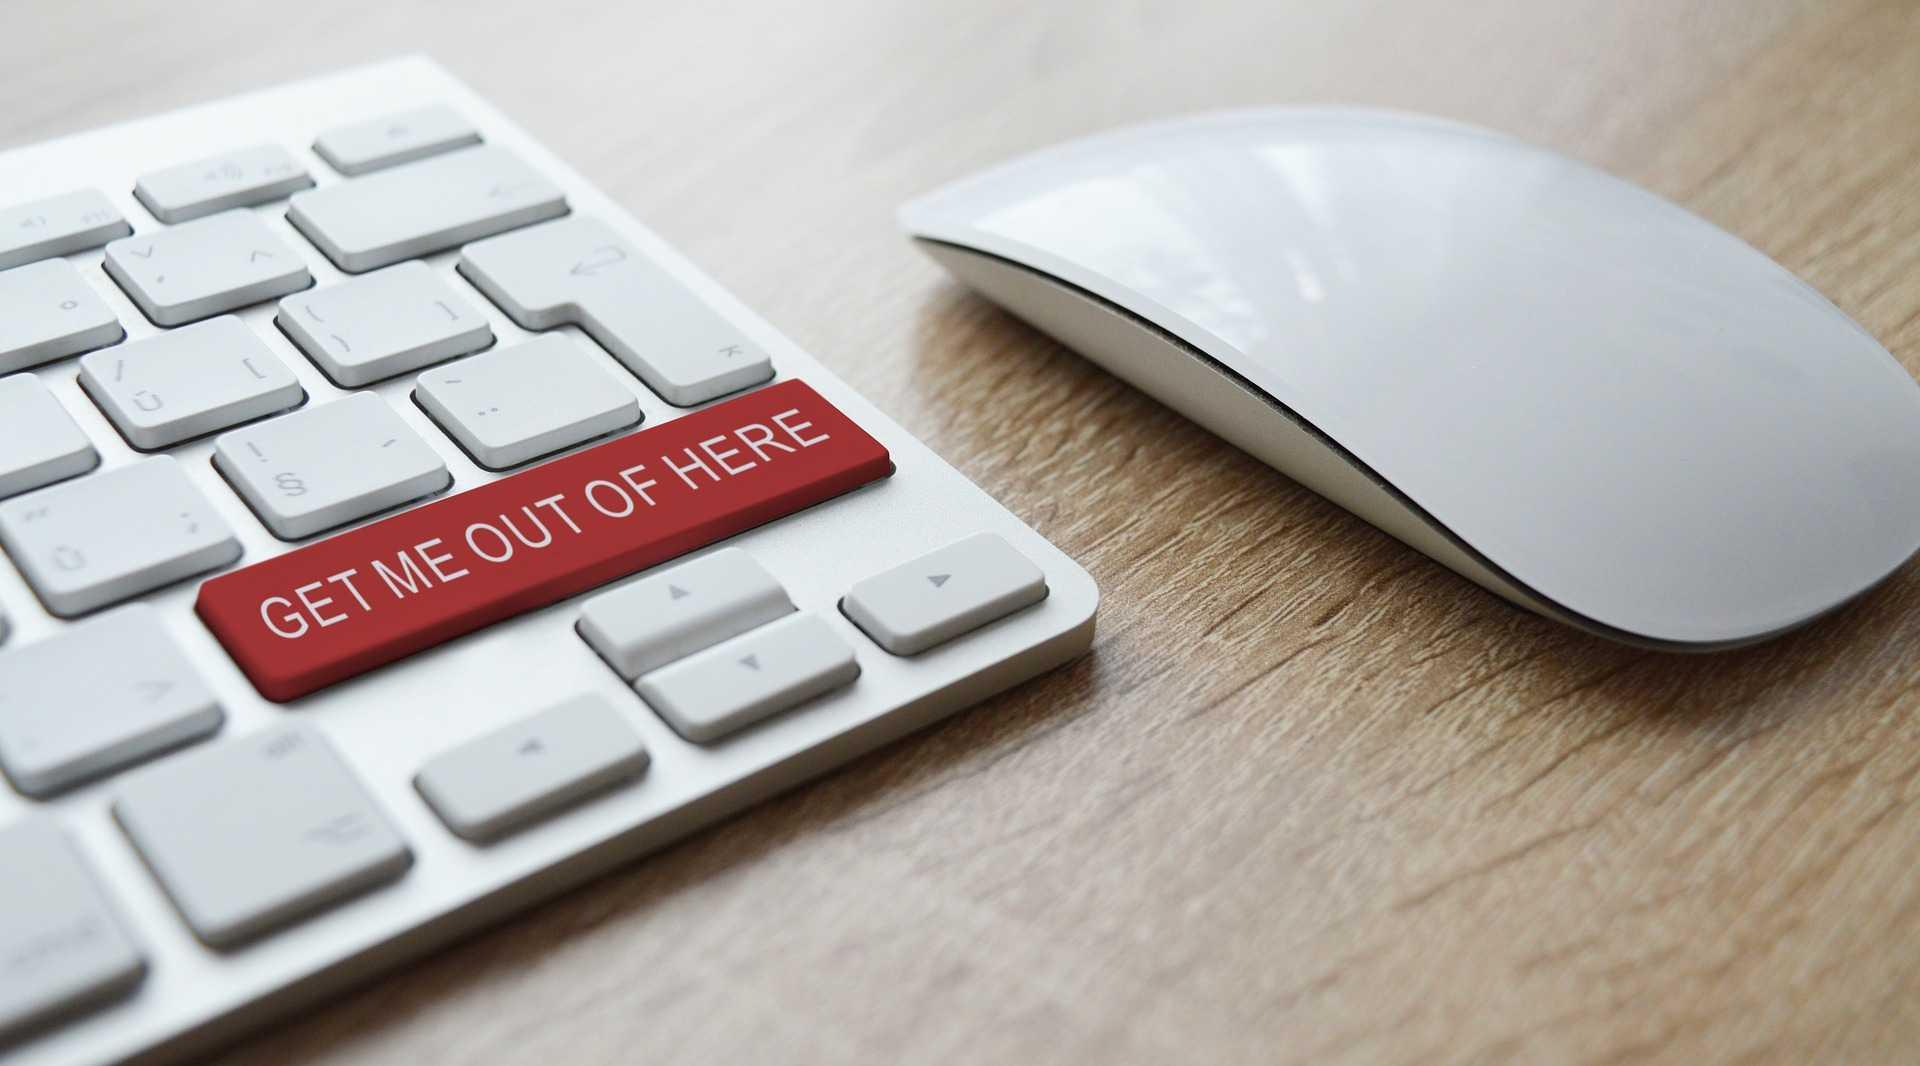 En Yaygın Siber Saldırı Çeşitleri